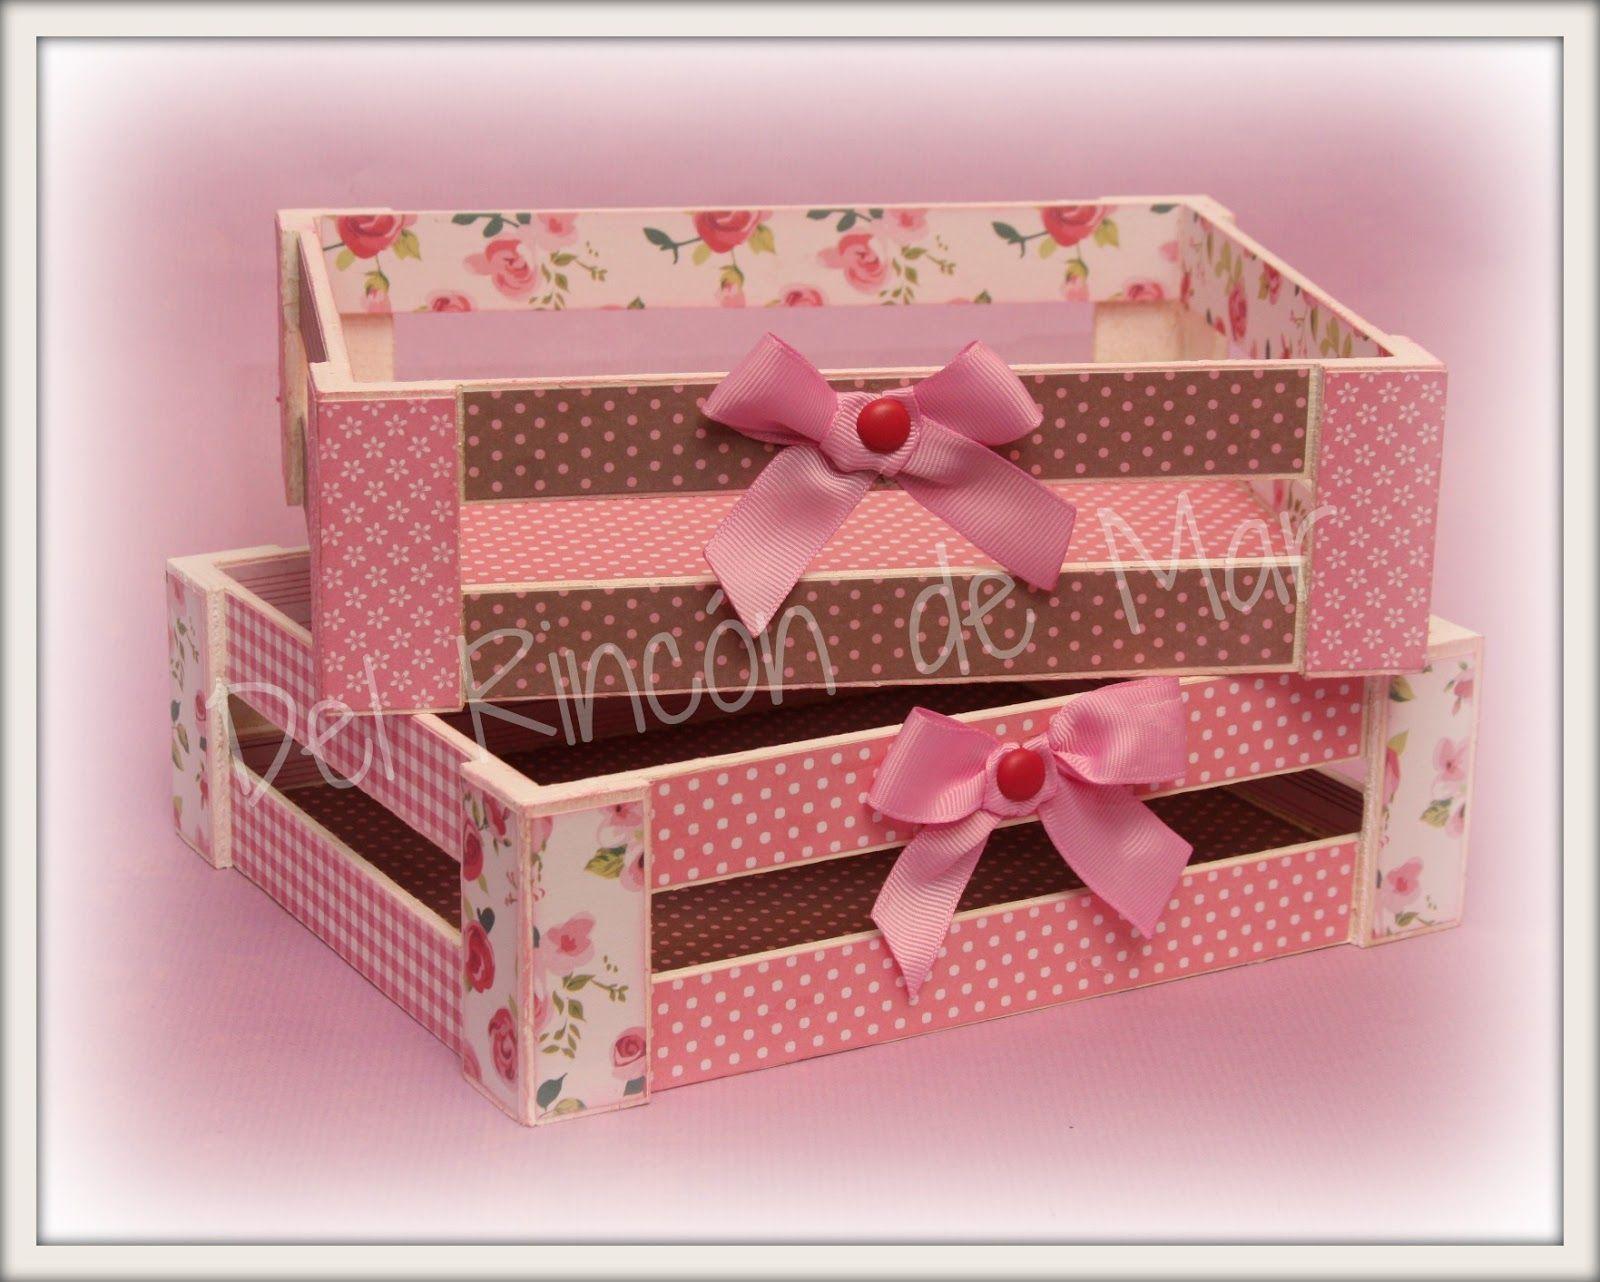 Cajas Y Cajones Boxes And Crates Decoración Organización Y Manualidades Cajas De Madera Cajas Decoradas Cajas Pintadas